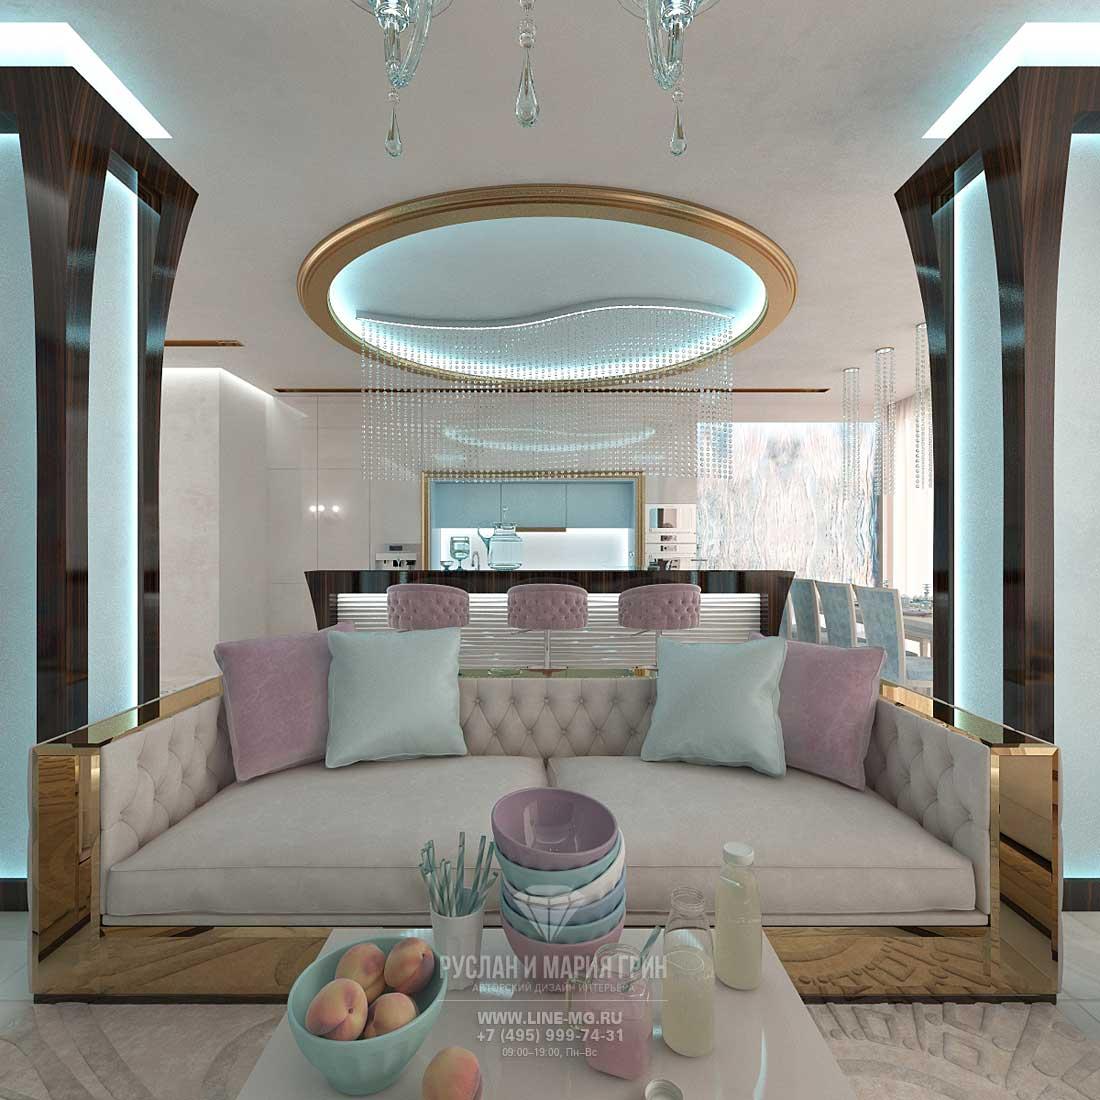 Дизайн гостиной, совмещенной с кухней. Фото интерьера частного дома